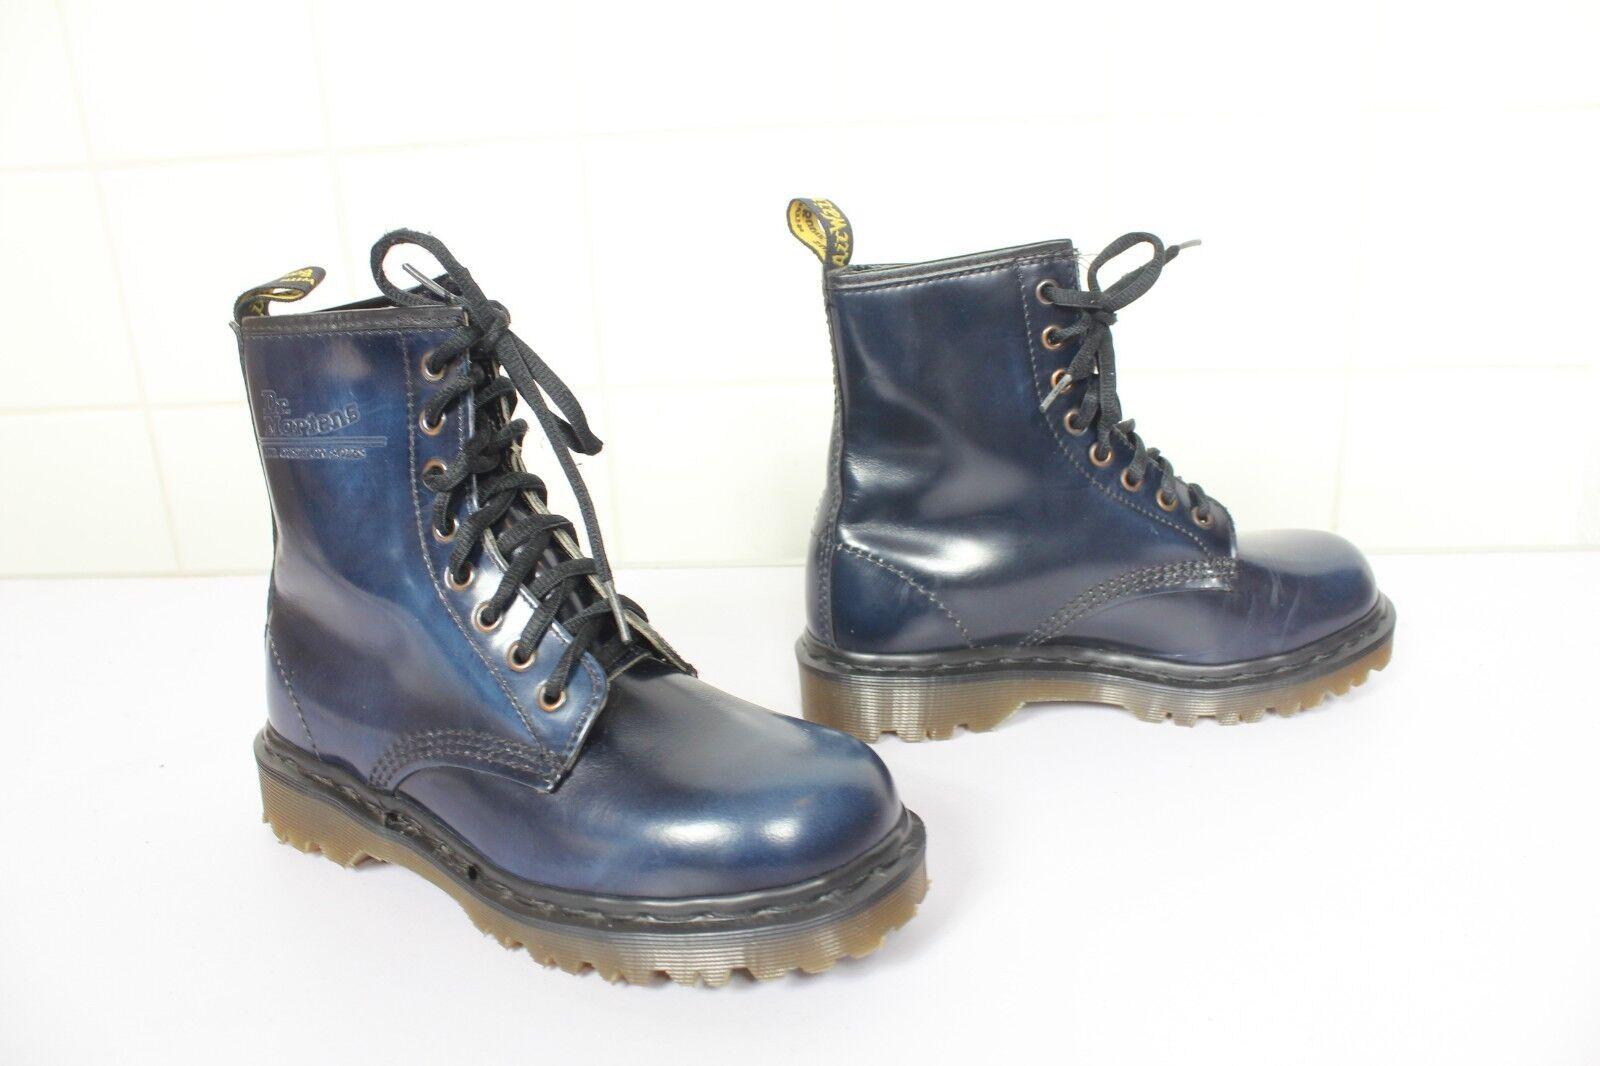 Vintage Dr.Martens Seltenes Model Boots Dunkelblue Eu 36,5-Uk 4 made in England